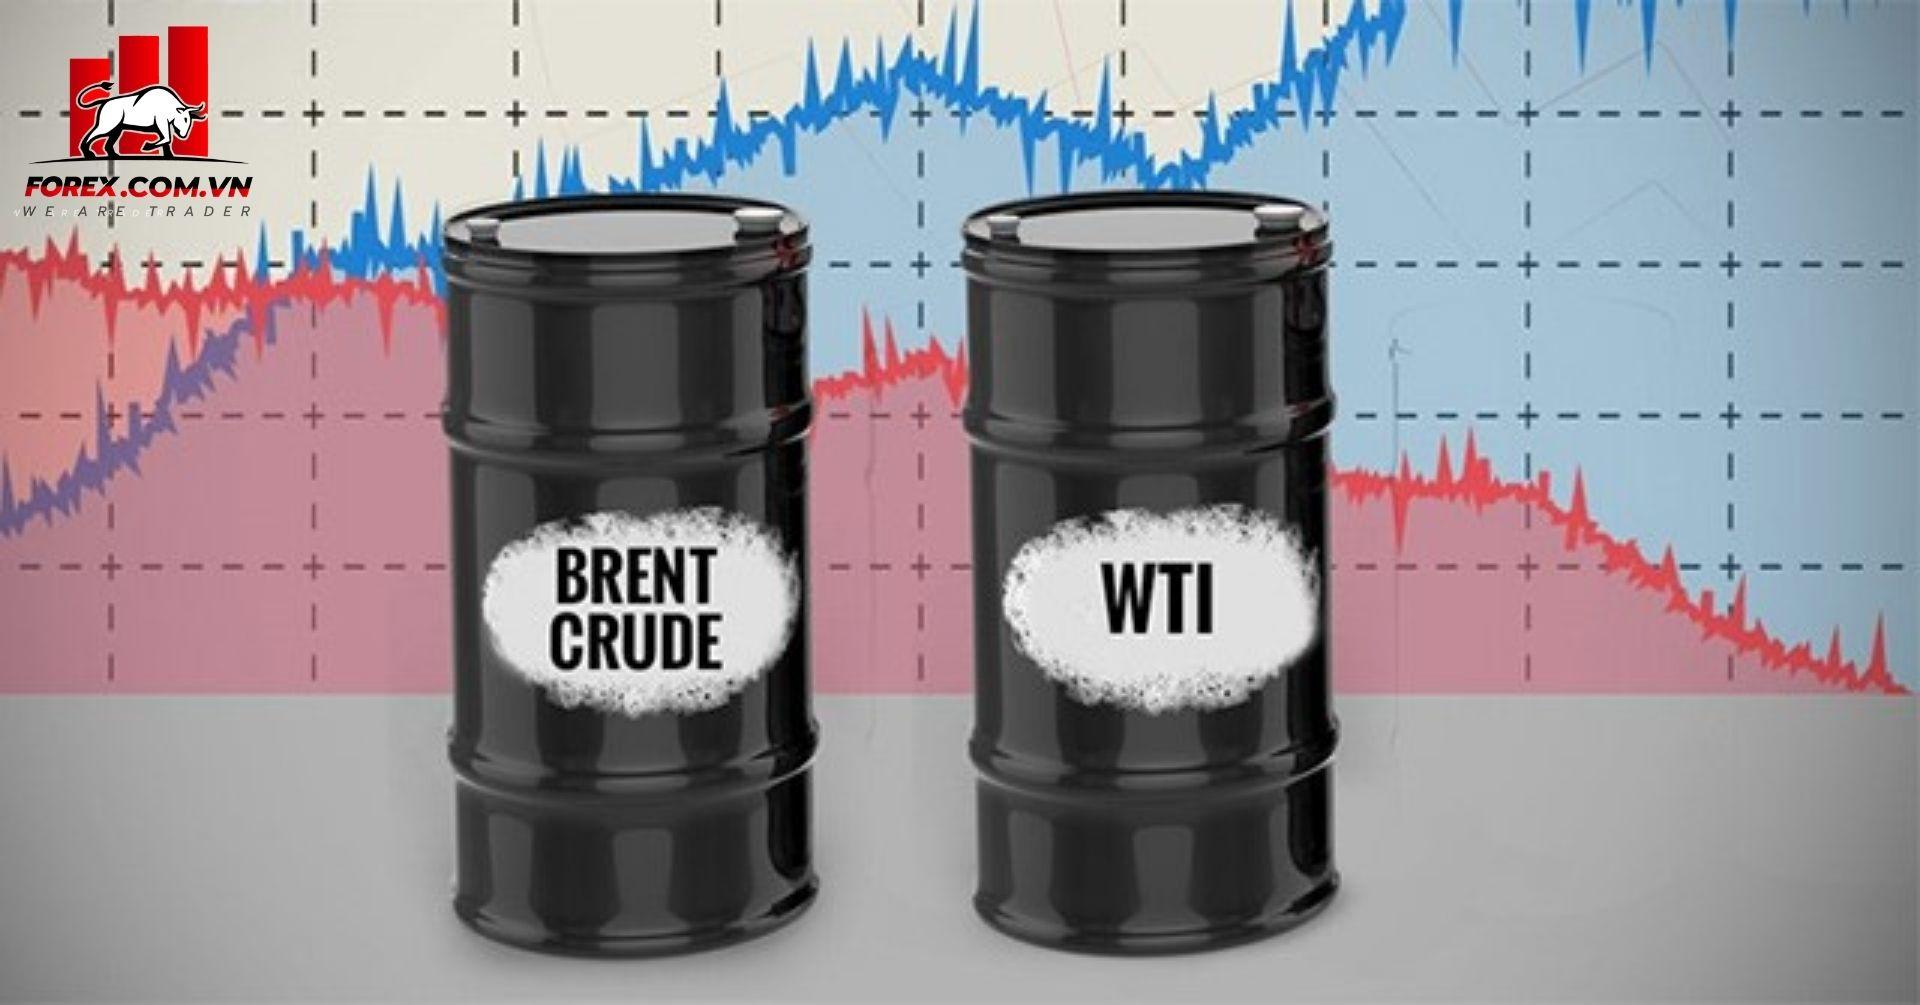 giá hợp đồng dầu thô WTI và brent đều tăng